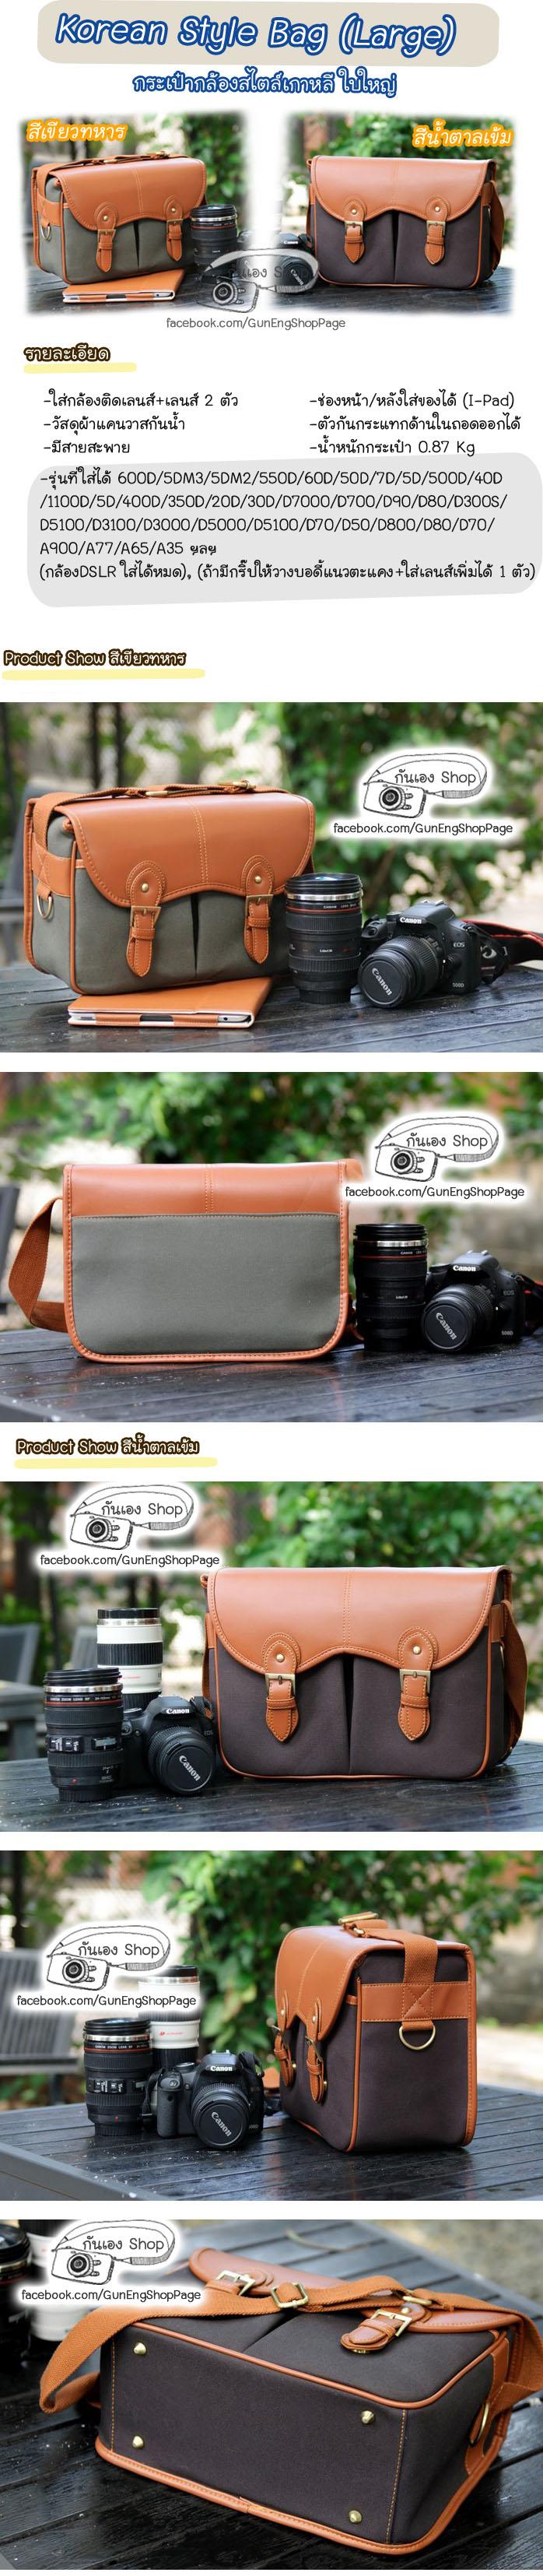 กระเป๋ากล้องสไตล์เกาหลี ใบใหญ่